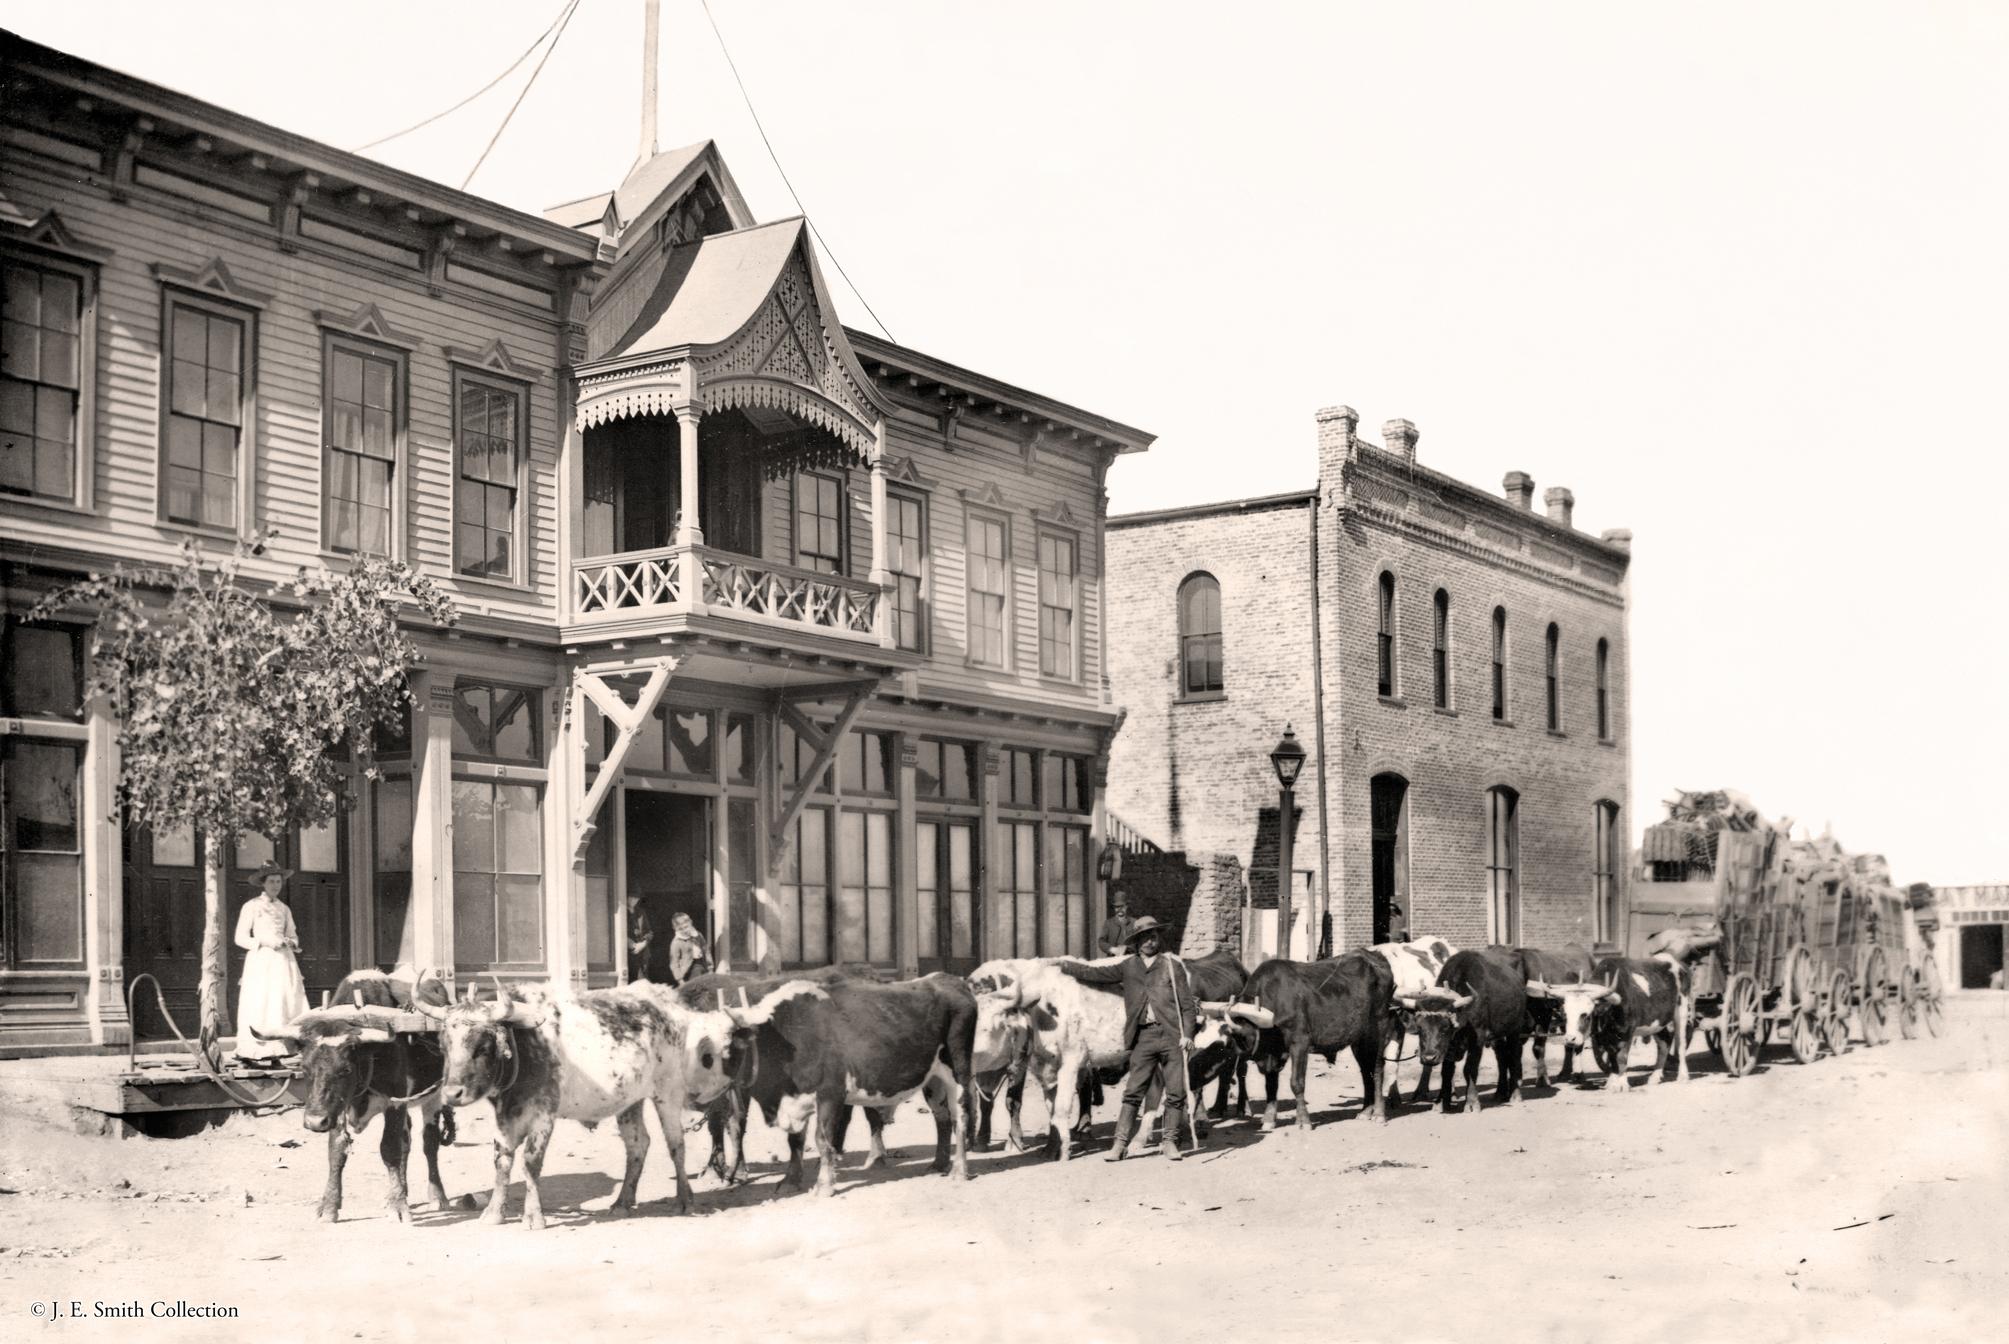 Grand Central Hotel Circa 1886